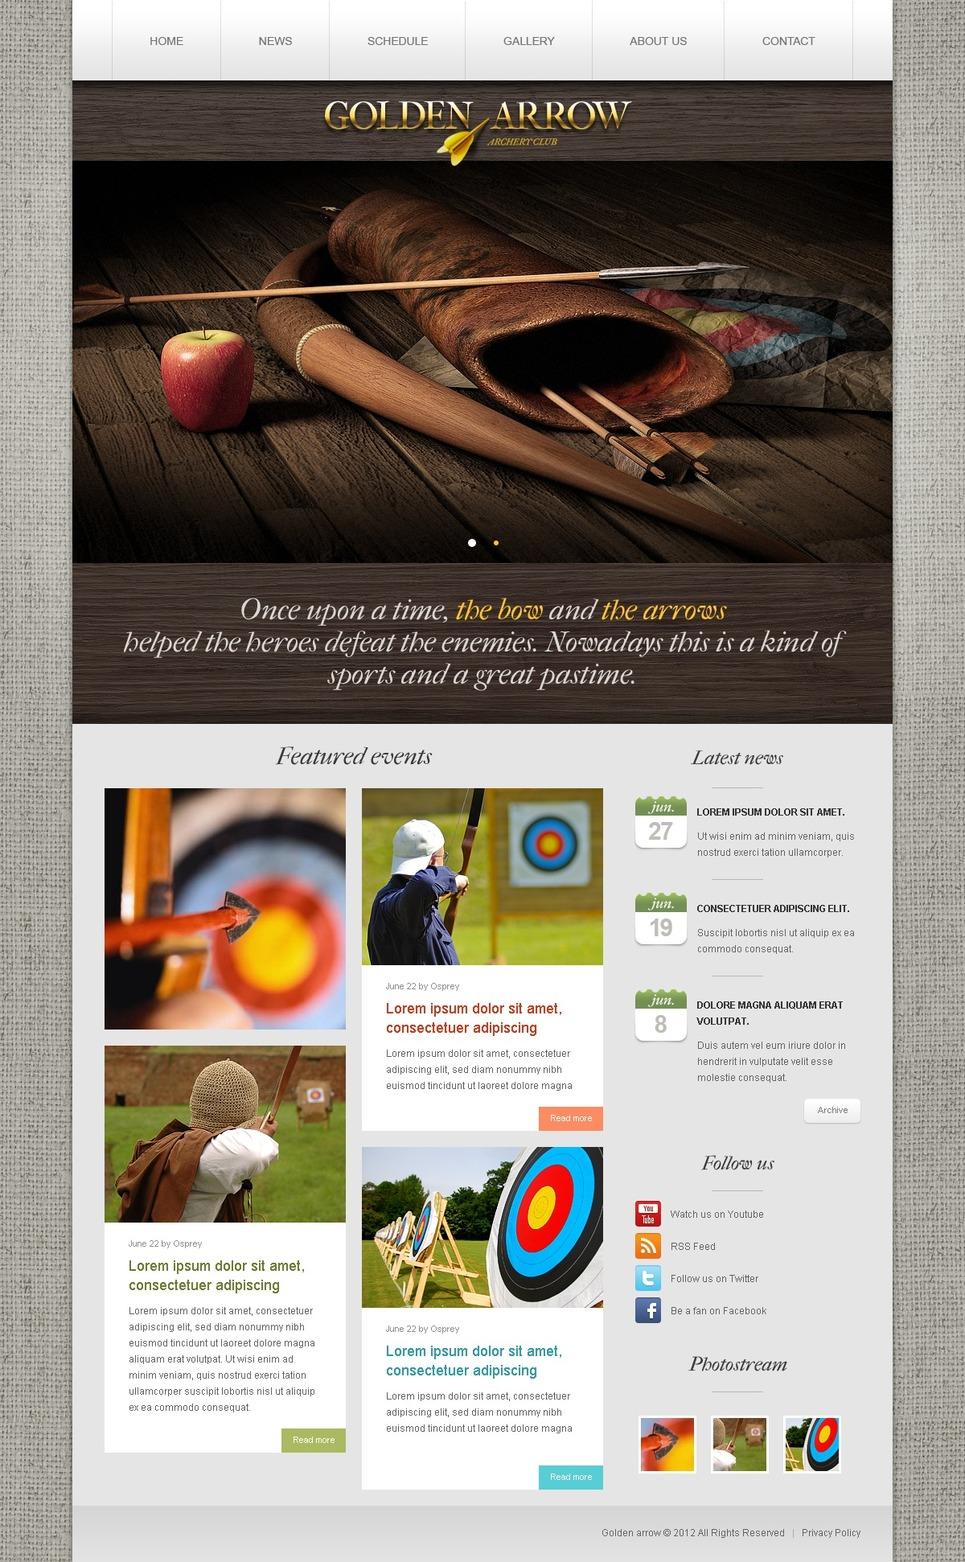 Archery Website Template New Screenshots BIG